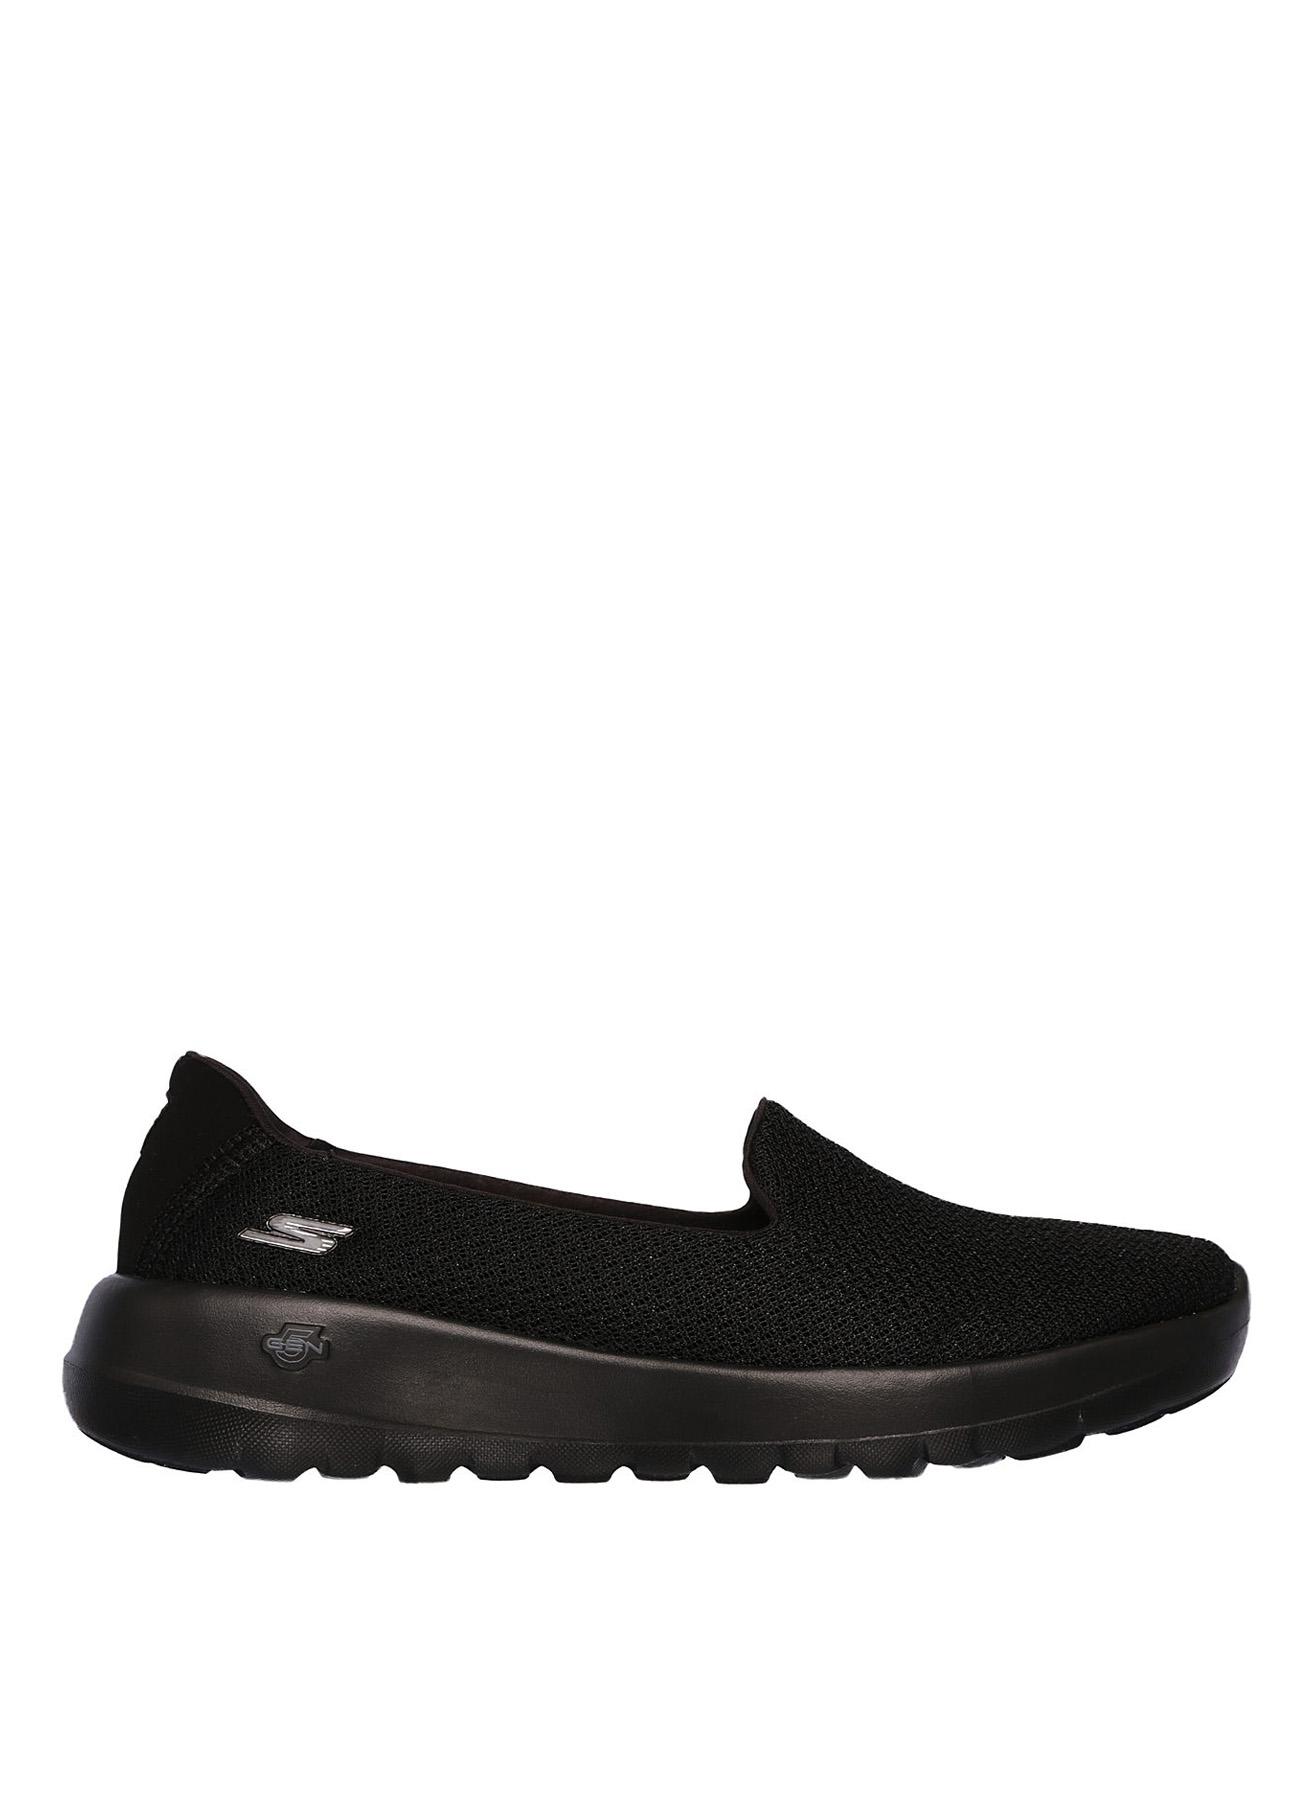 36 Siyah Skechers Go Walk Joy- Splendid Koşu Ayakkabısı 5001910063002 & Çanta Kadın Spor